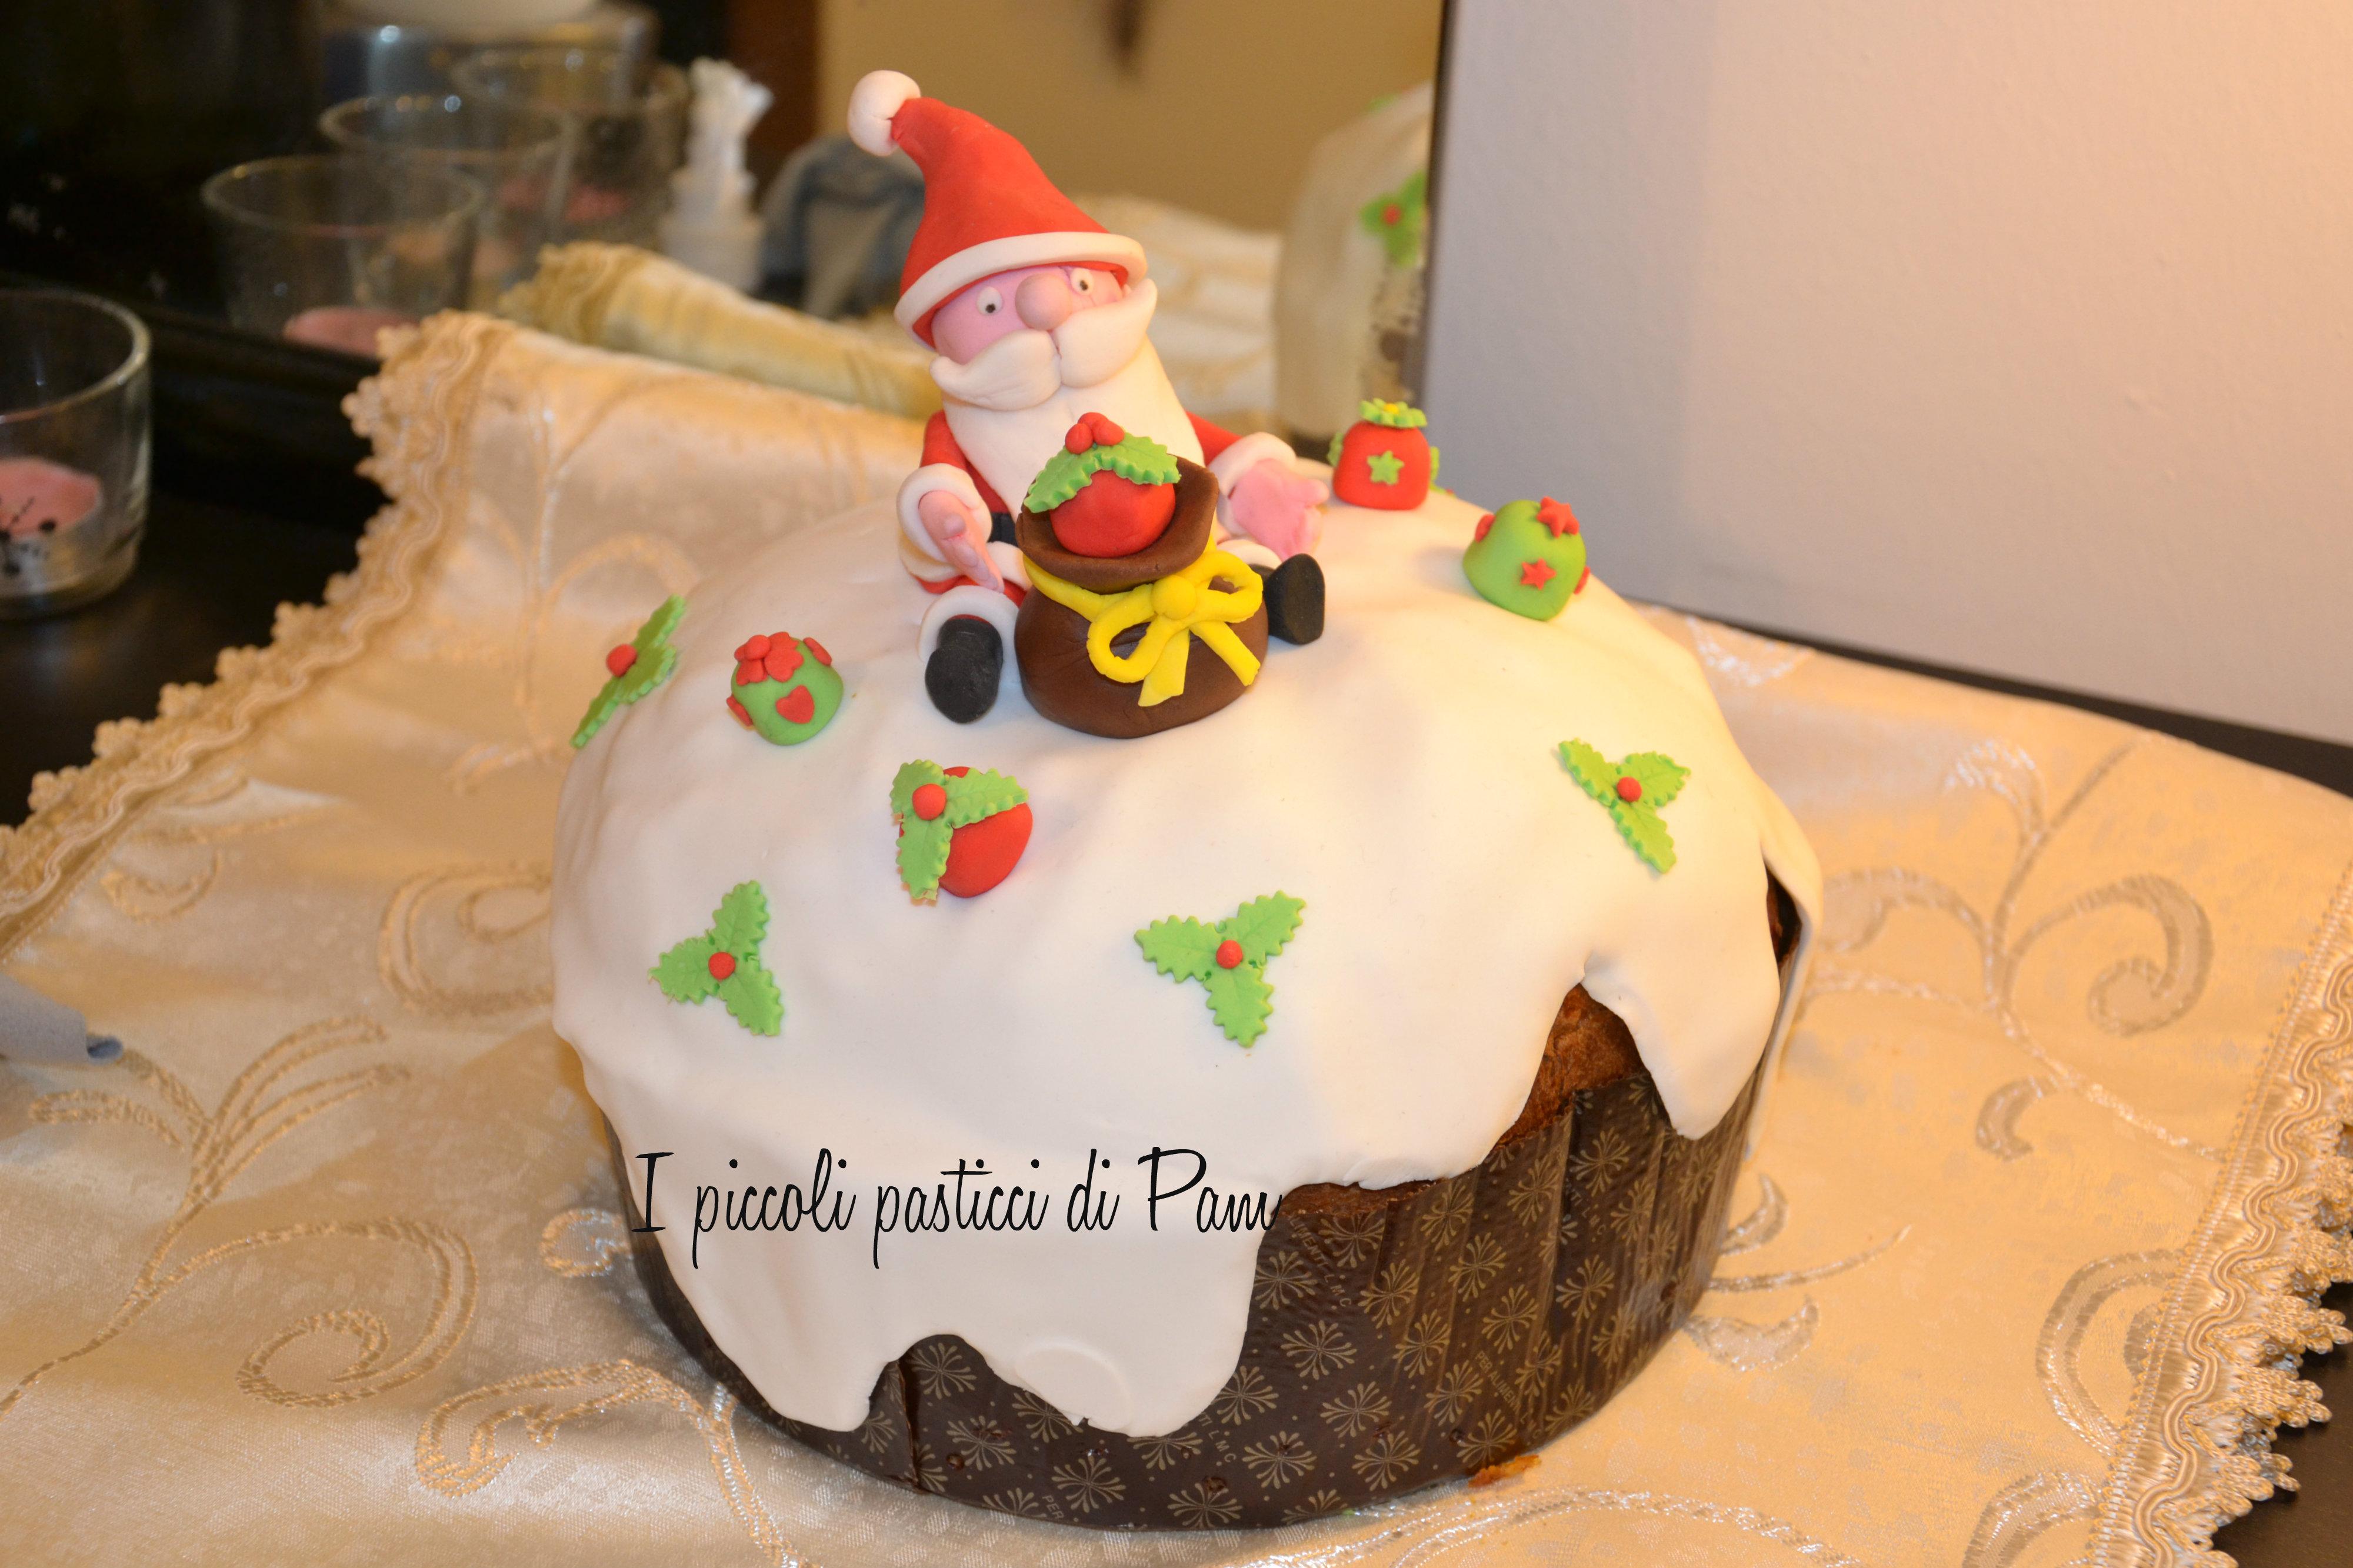 Panettone decorato in pasta di zucchero cake design I piccoli pasticci di Pam